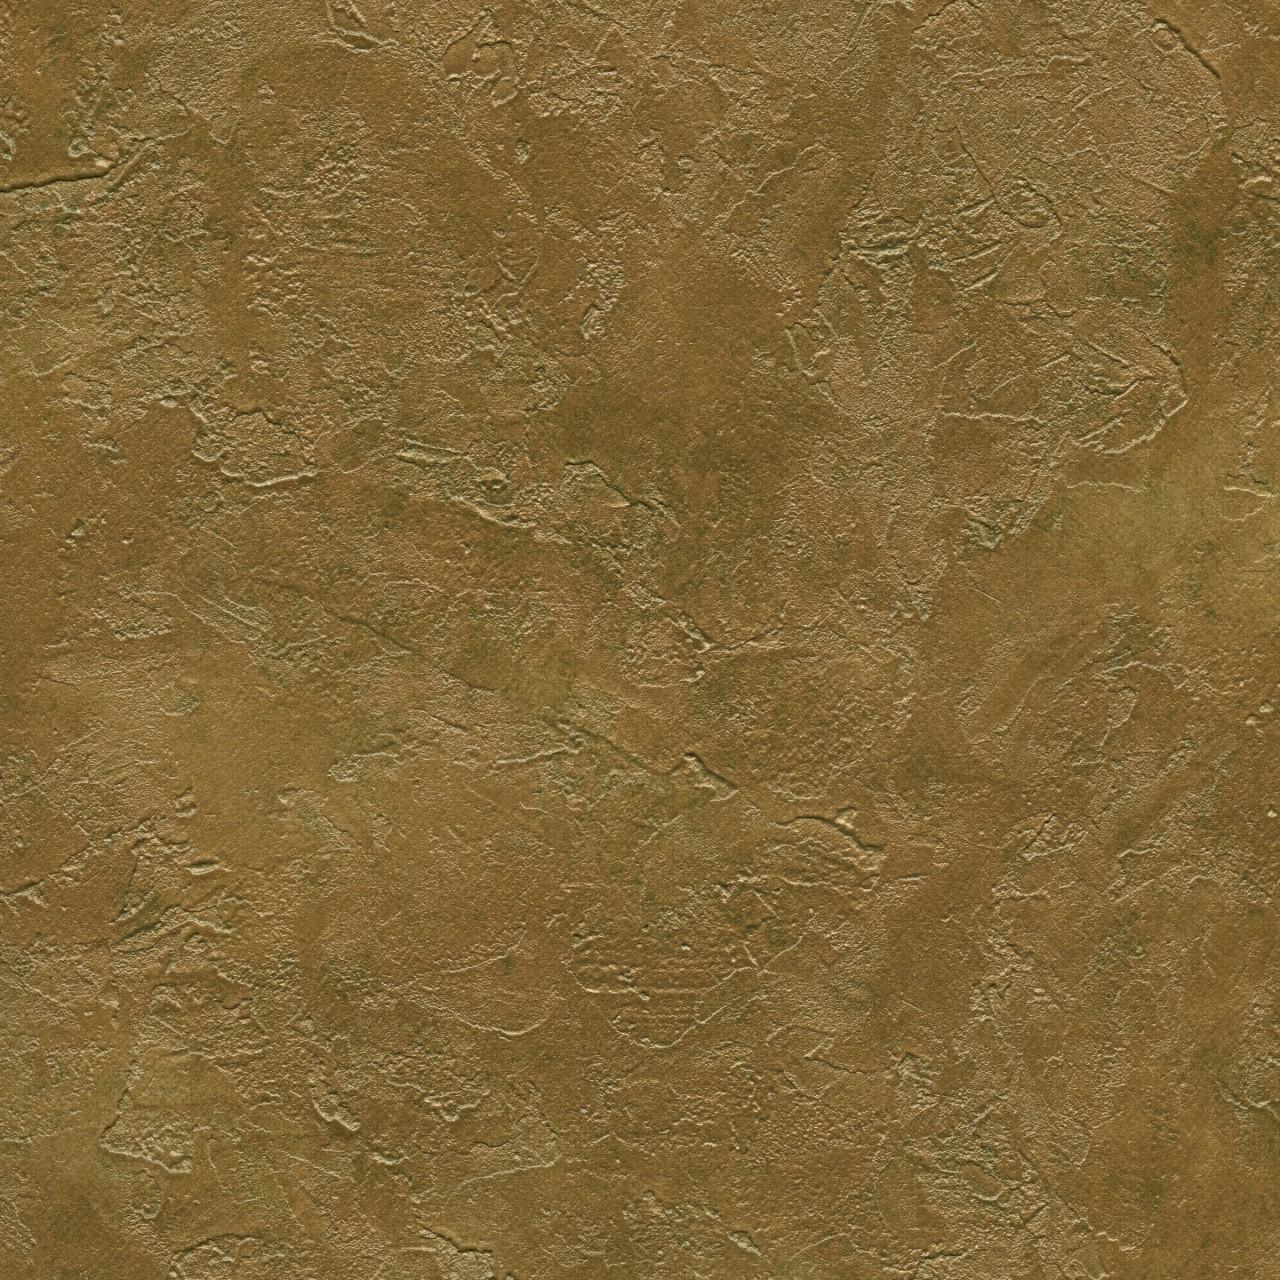 Bronze WA4564 Arbor Texture Wallpaper   Textures Wallpaper 1280x1280